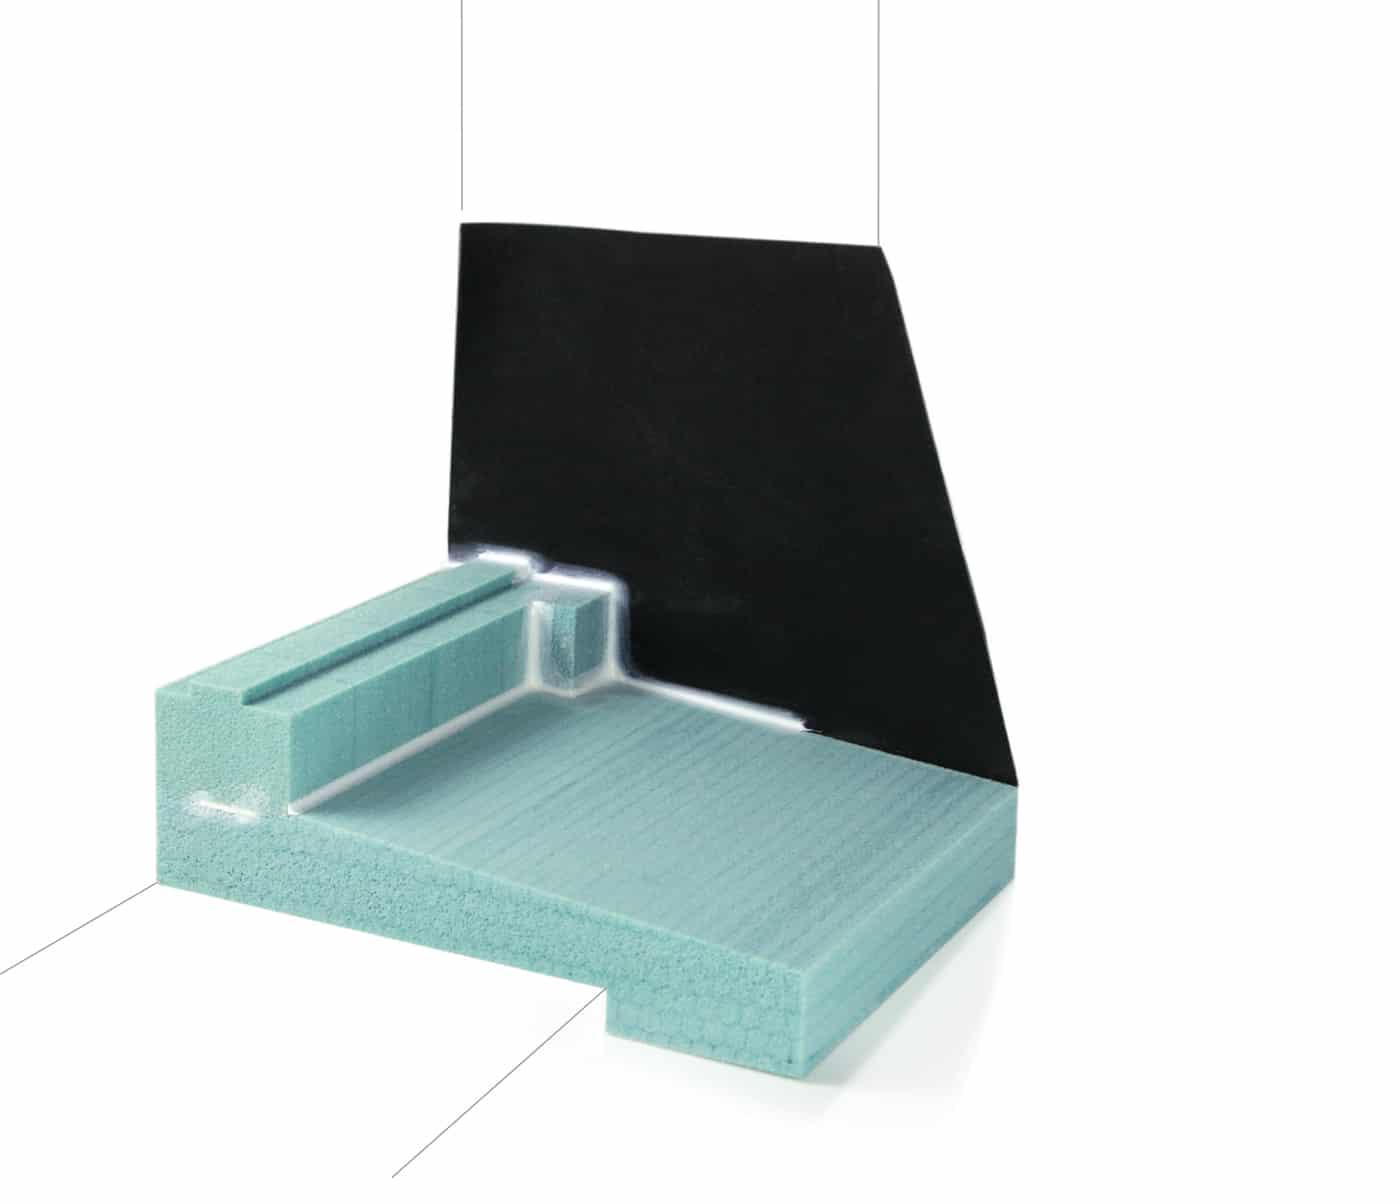 Cales d'isolation et d'étanchéité pour appuis de fenêtres